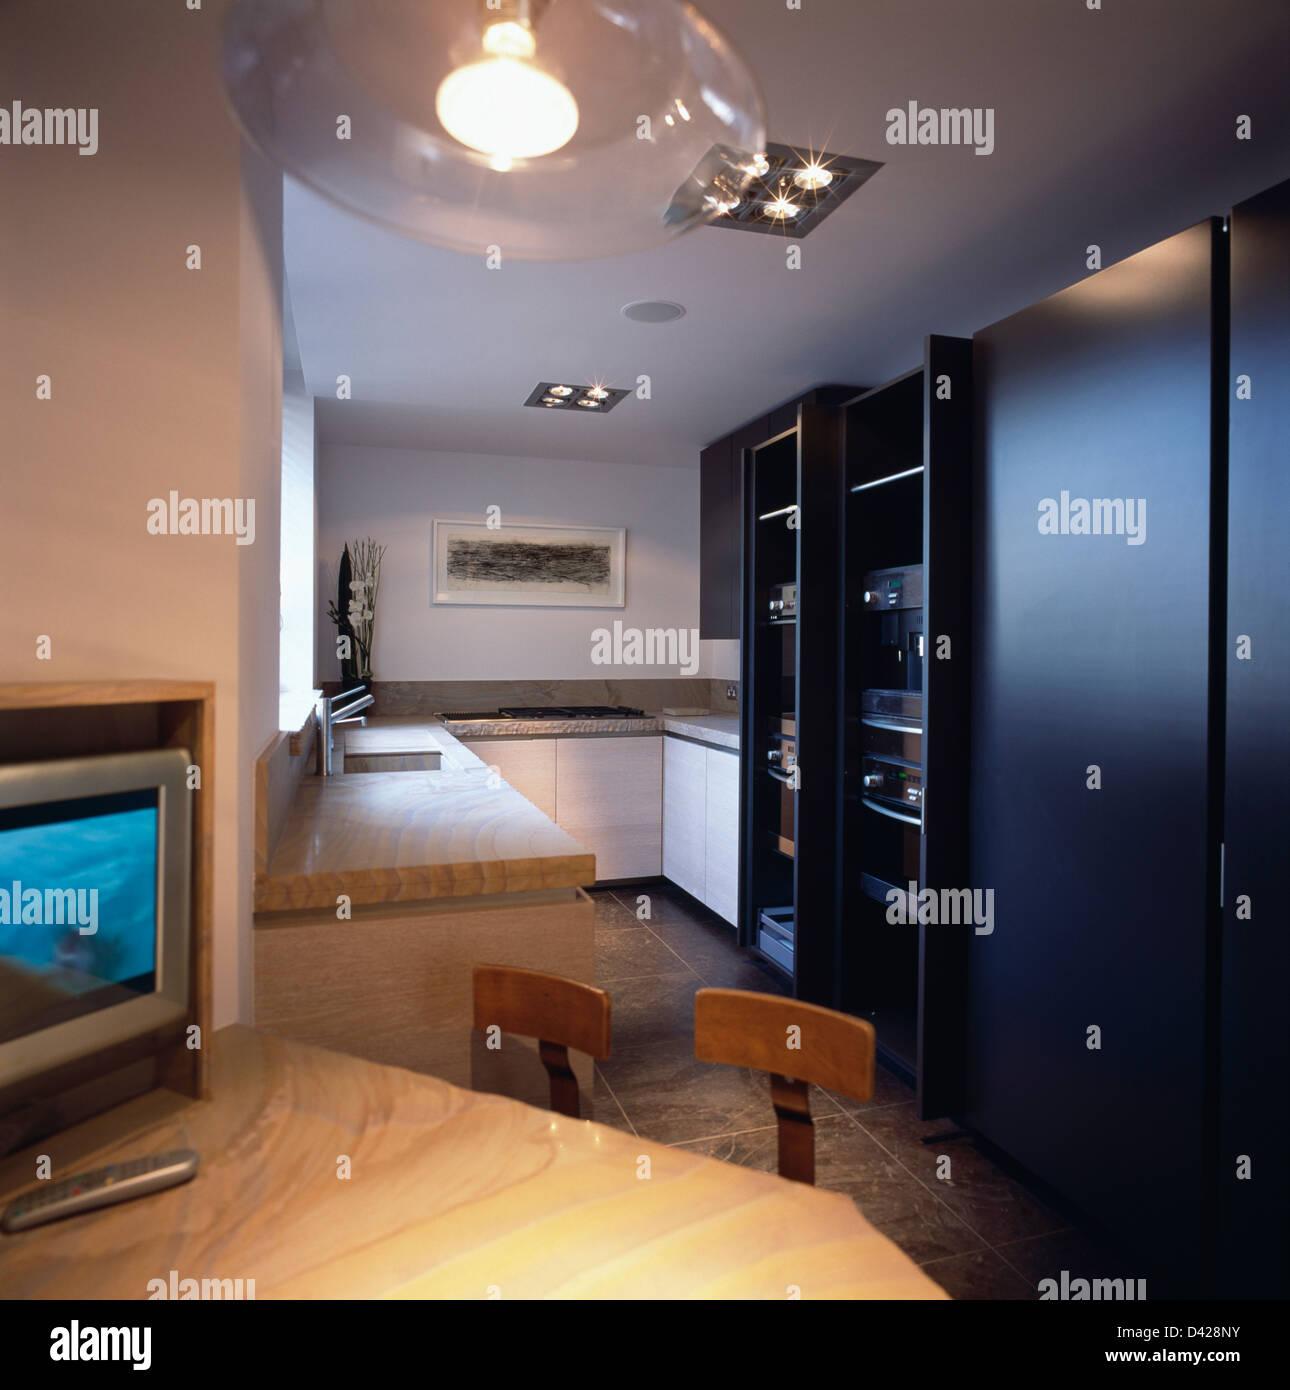 fernseher kche  excellent steinwunde kuche mit nummer eins per ideen tolles wohnzimmer fernseher